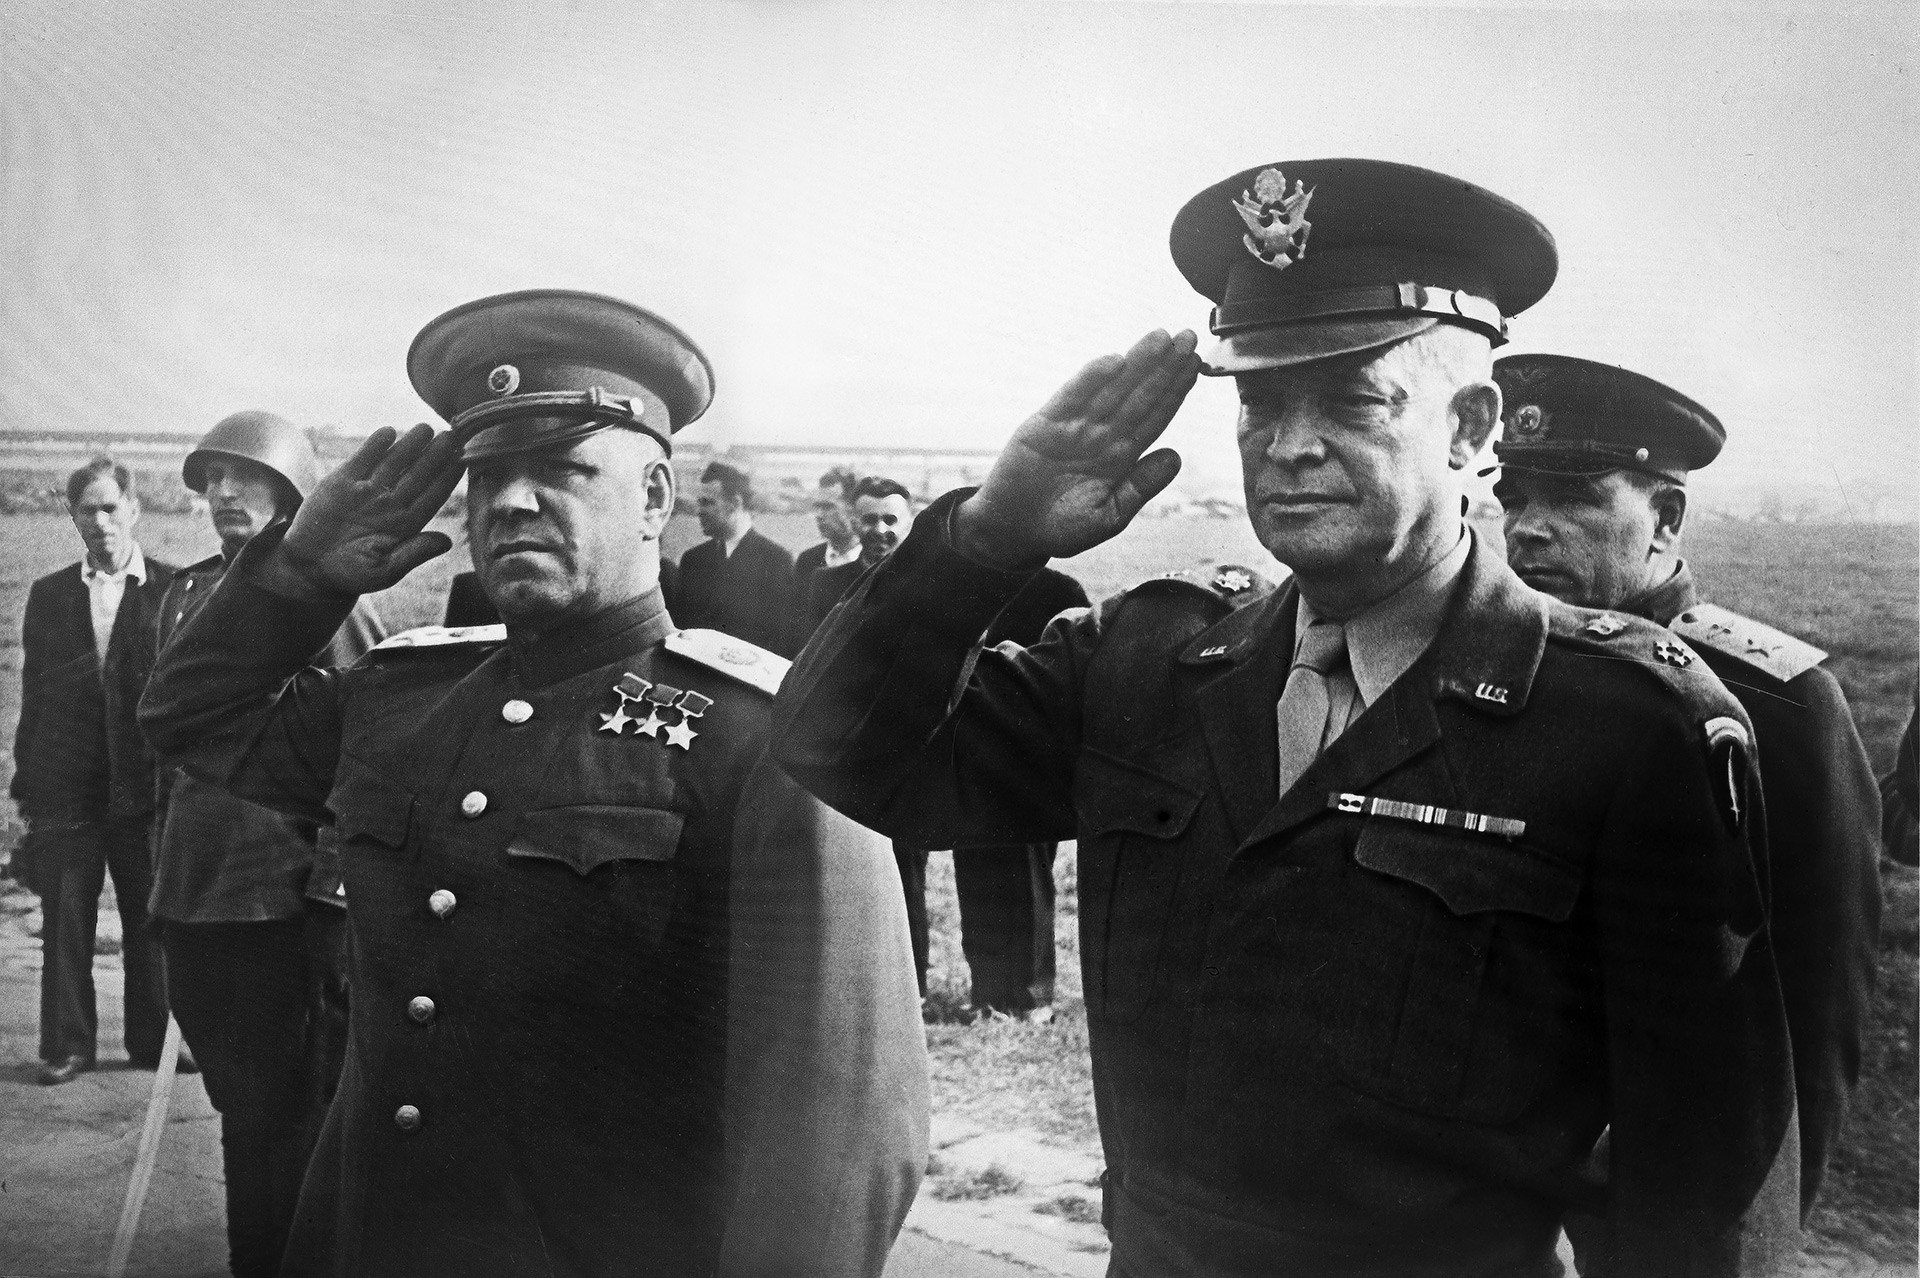 Маршал Георгиј Жуков и генерал Двајт Ајзенхауер у Москви